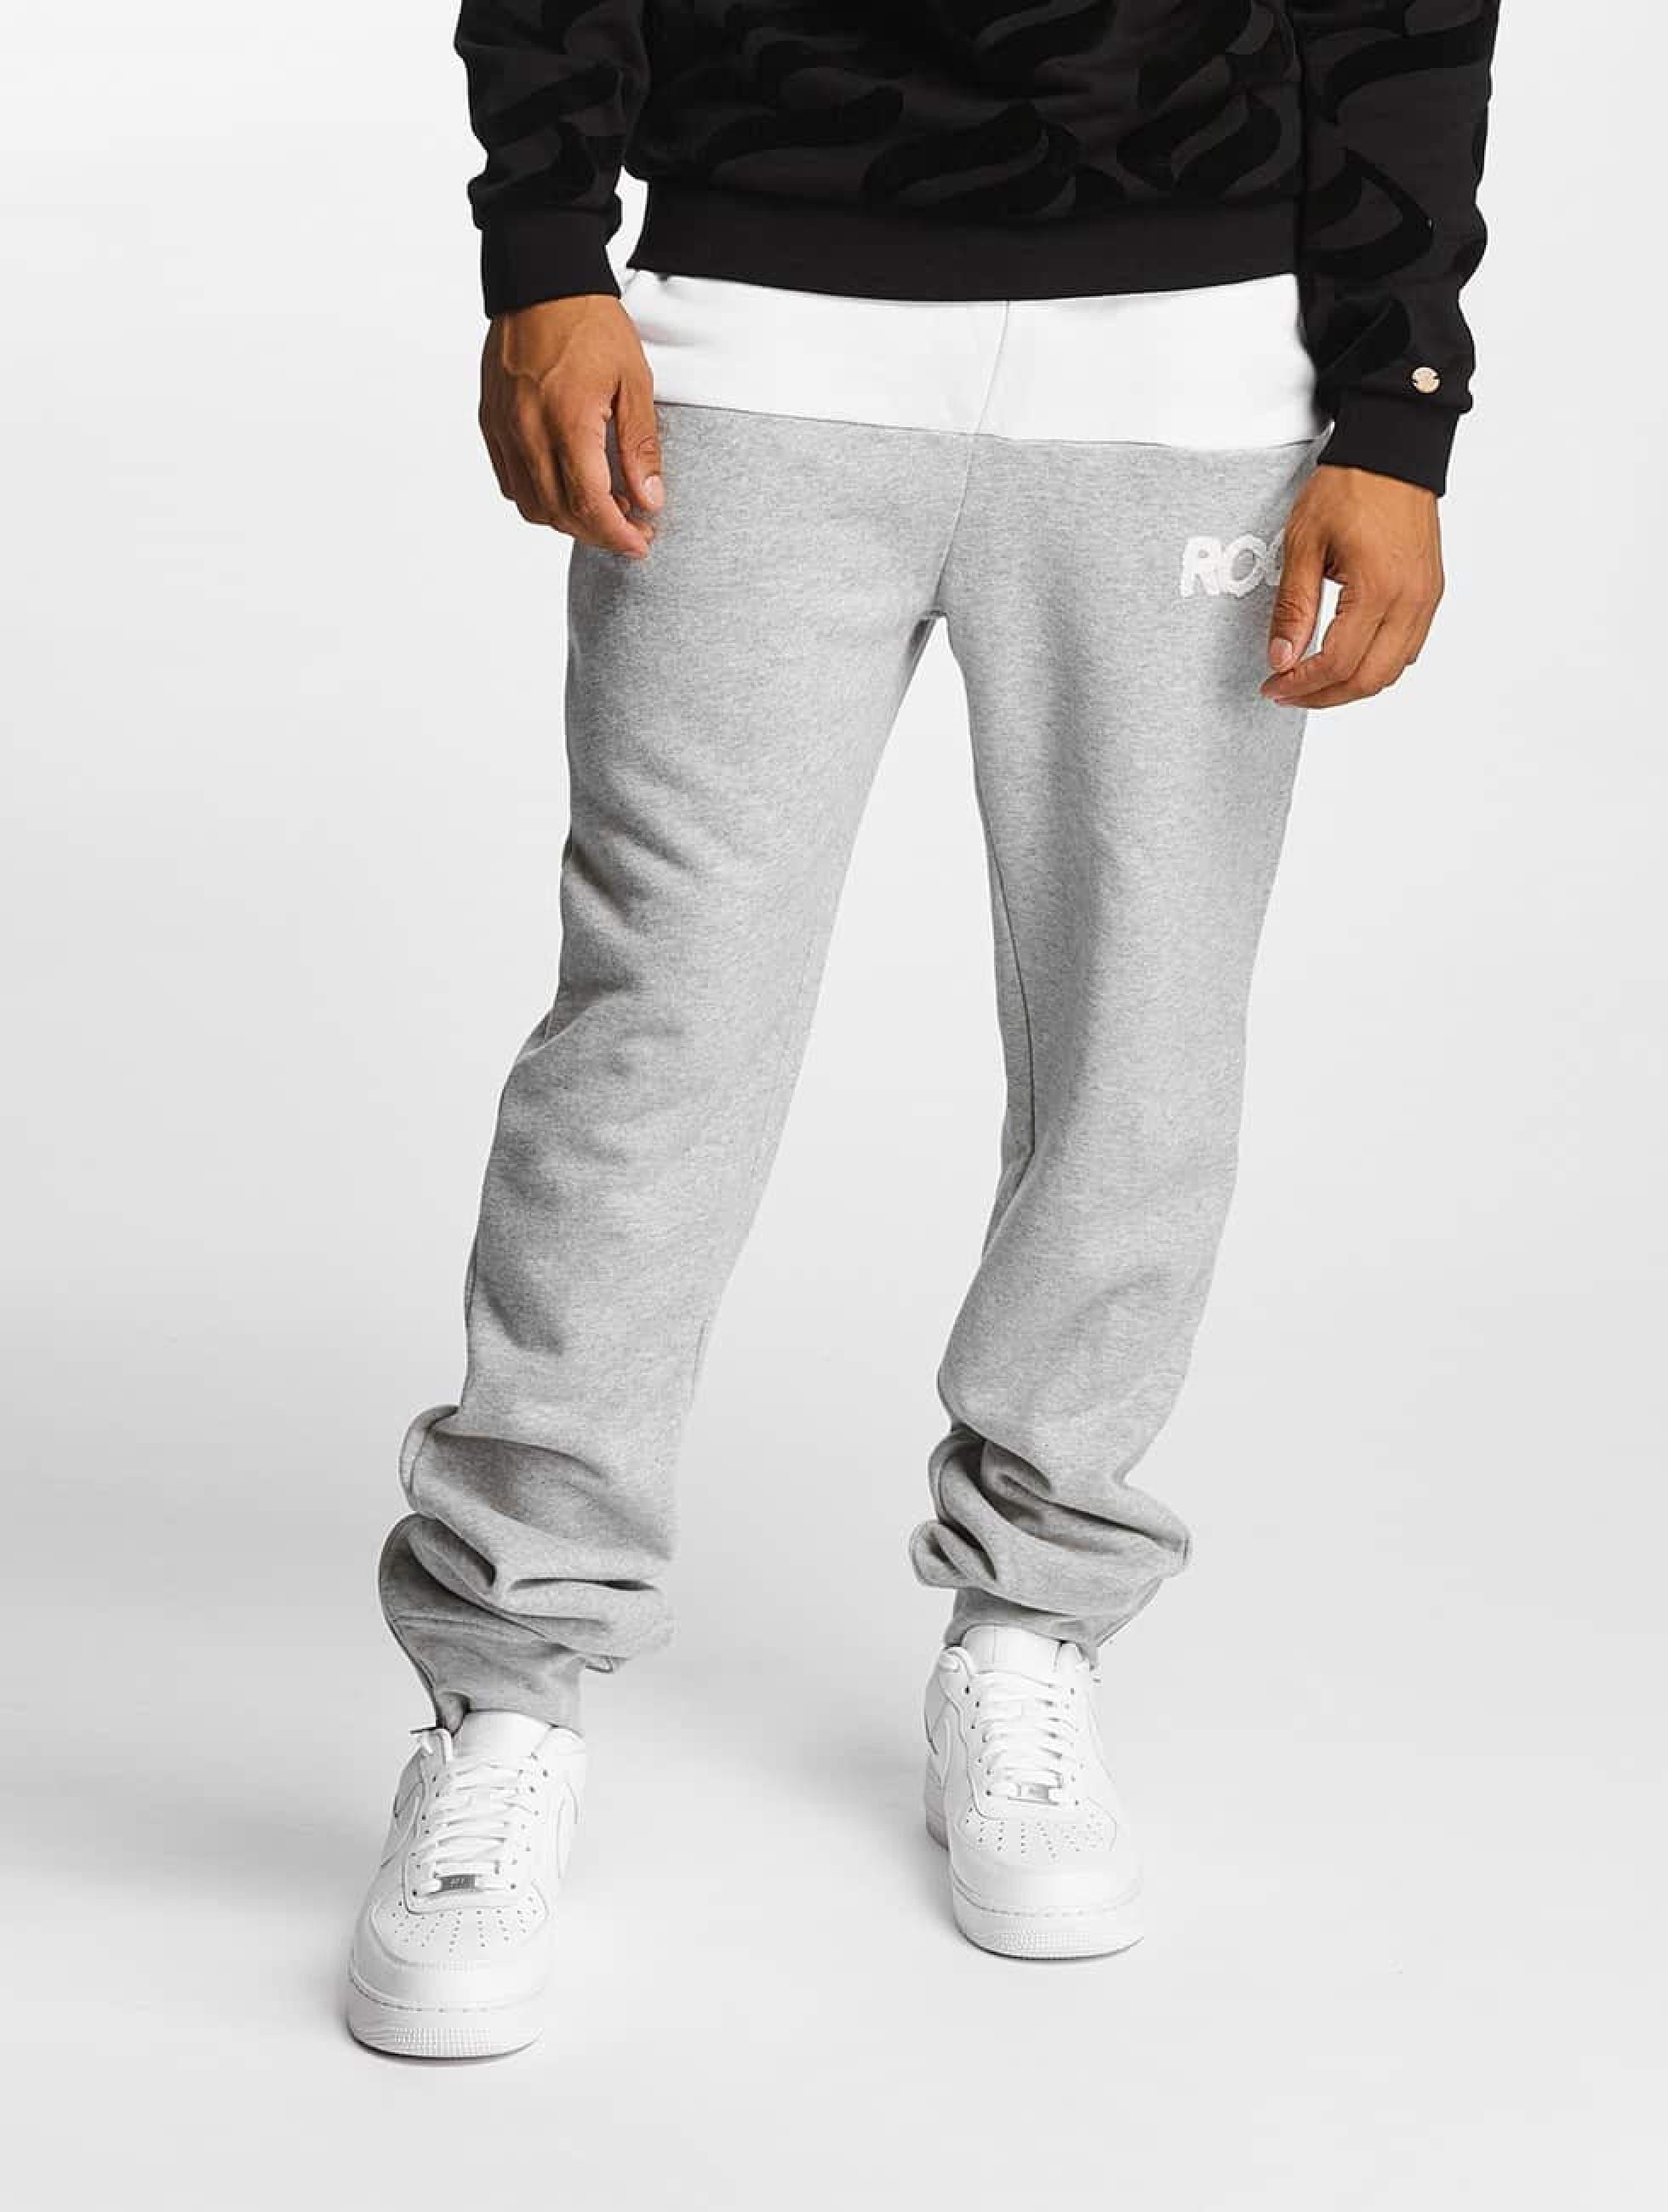 Rocawear / Sweat Pant Retro Sport Fleece in grey XL